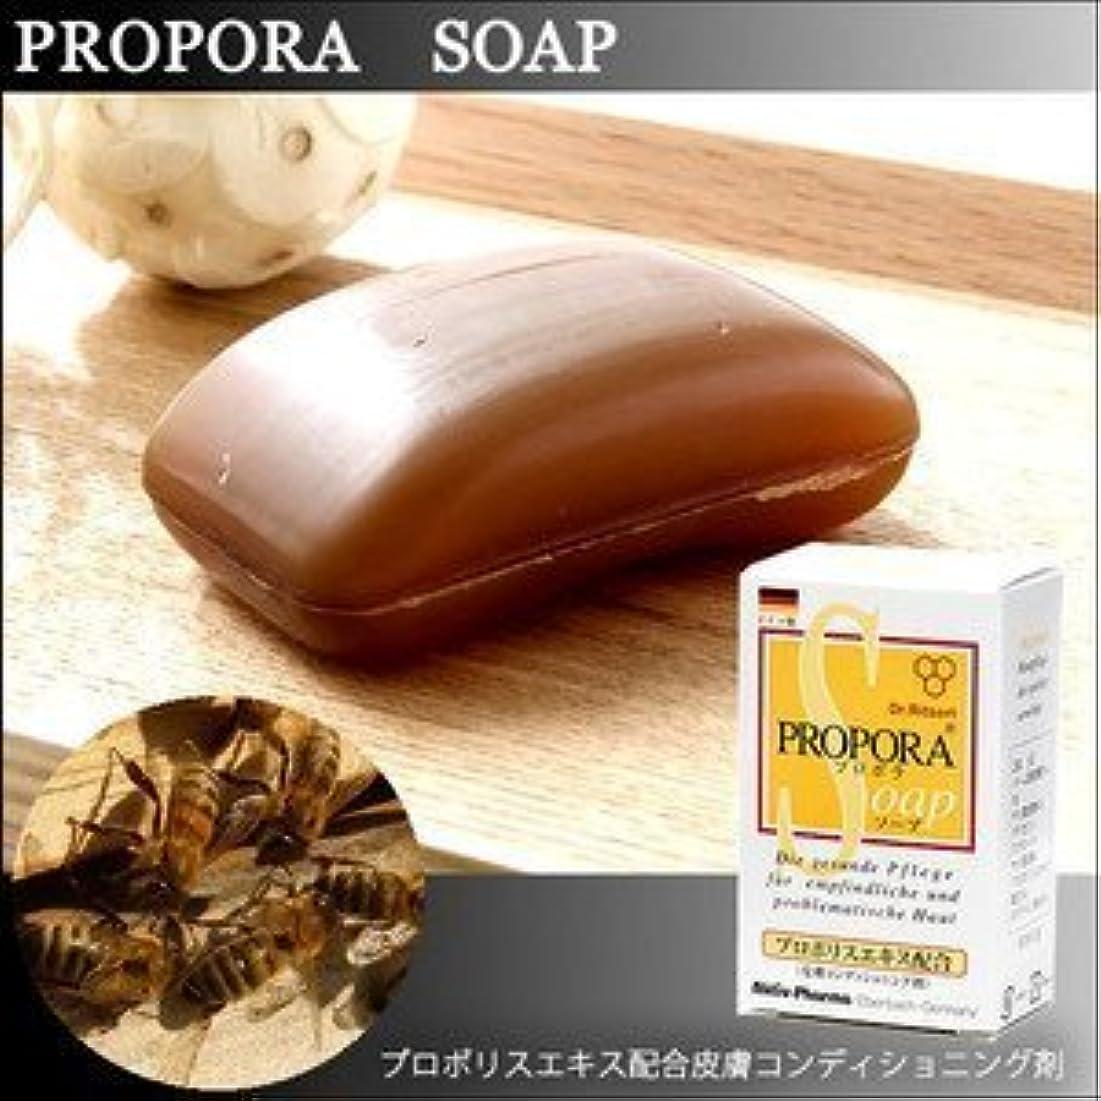 慣性ライドヘビーお肌にお悩みの方に 天然由来成分のみを使用したドイツ生まれのプロポラソープ